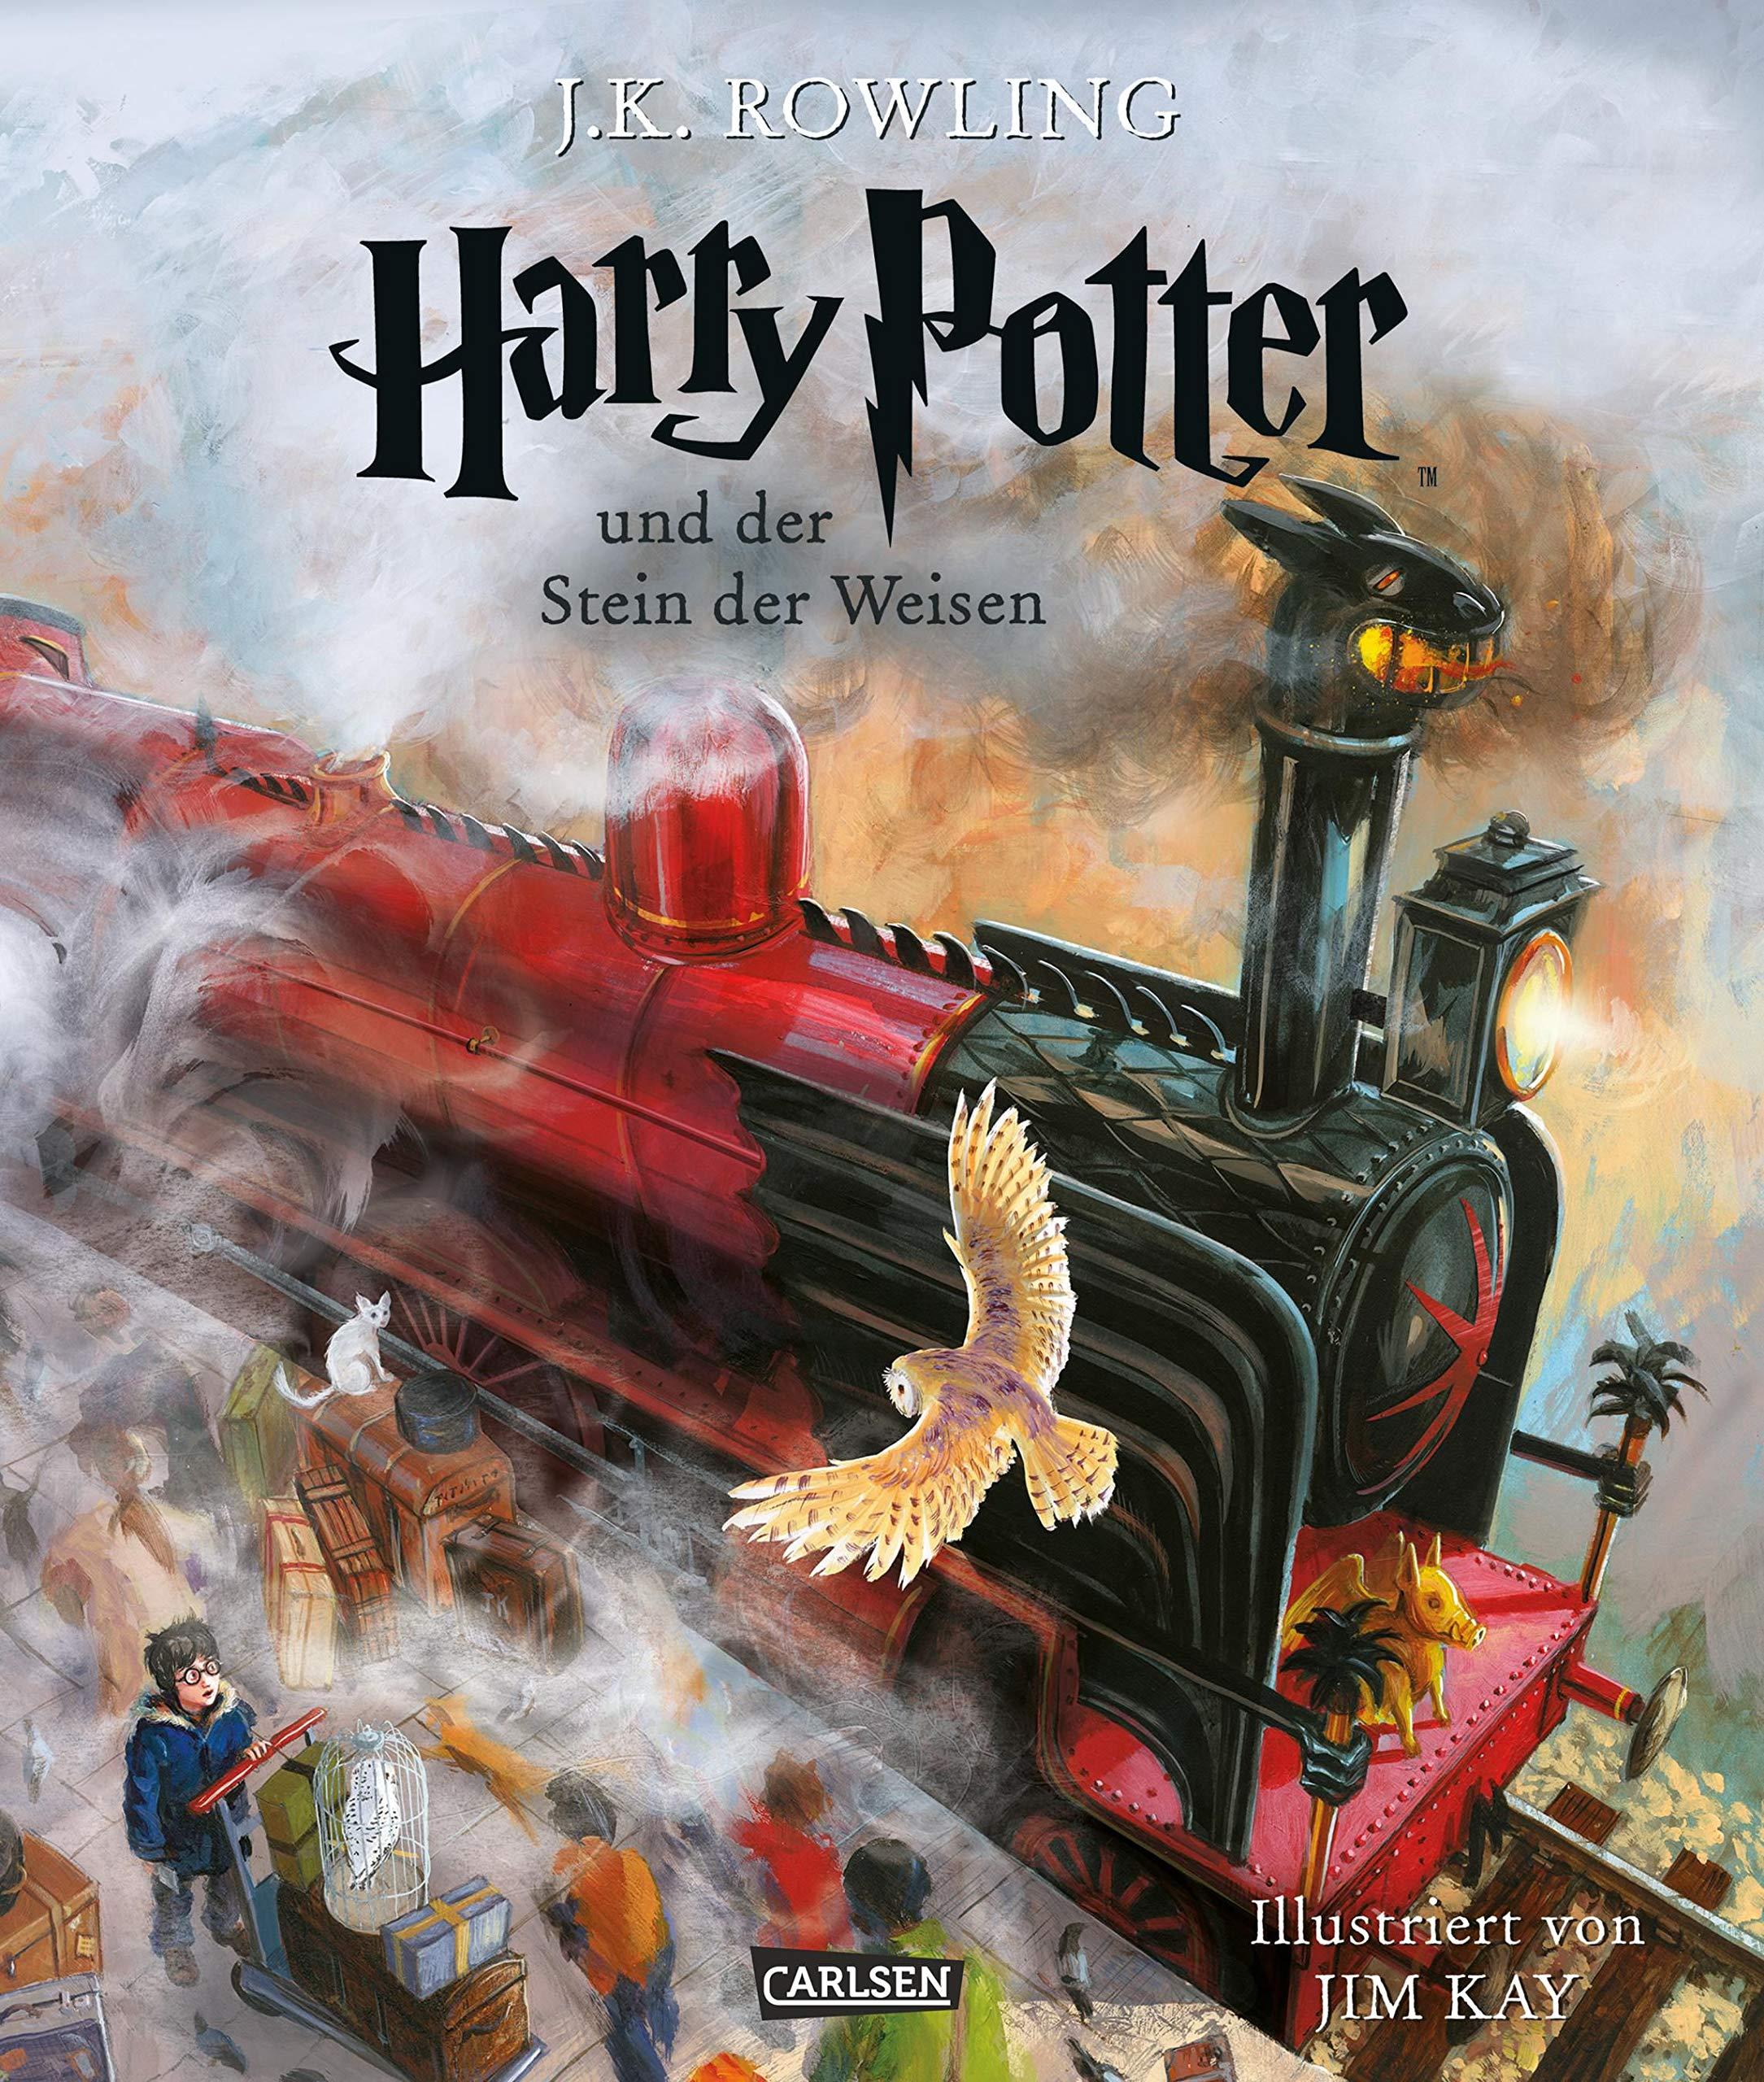 Harry Potter und der Stein der Weisen (vierfarbig illustrierte Schmuckausgabe) (Harry Potter 1) Gebundenes Buch – 6. Oktober 2015 J.K. Rowling Jim Kay Klaus Fritz Carlsen